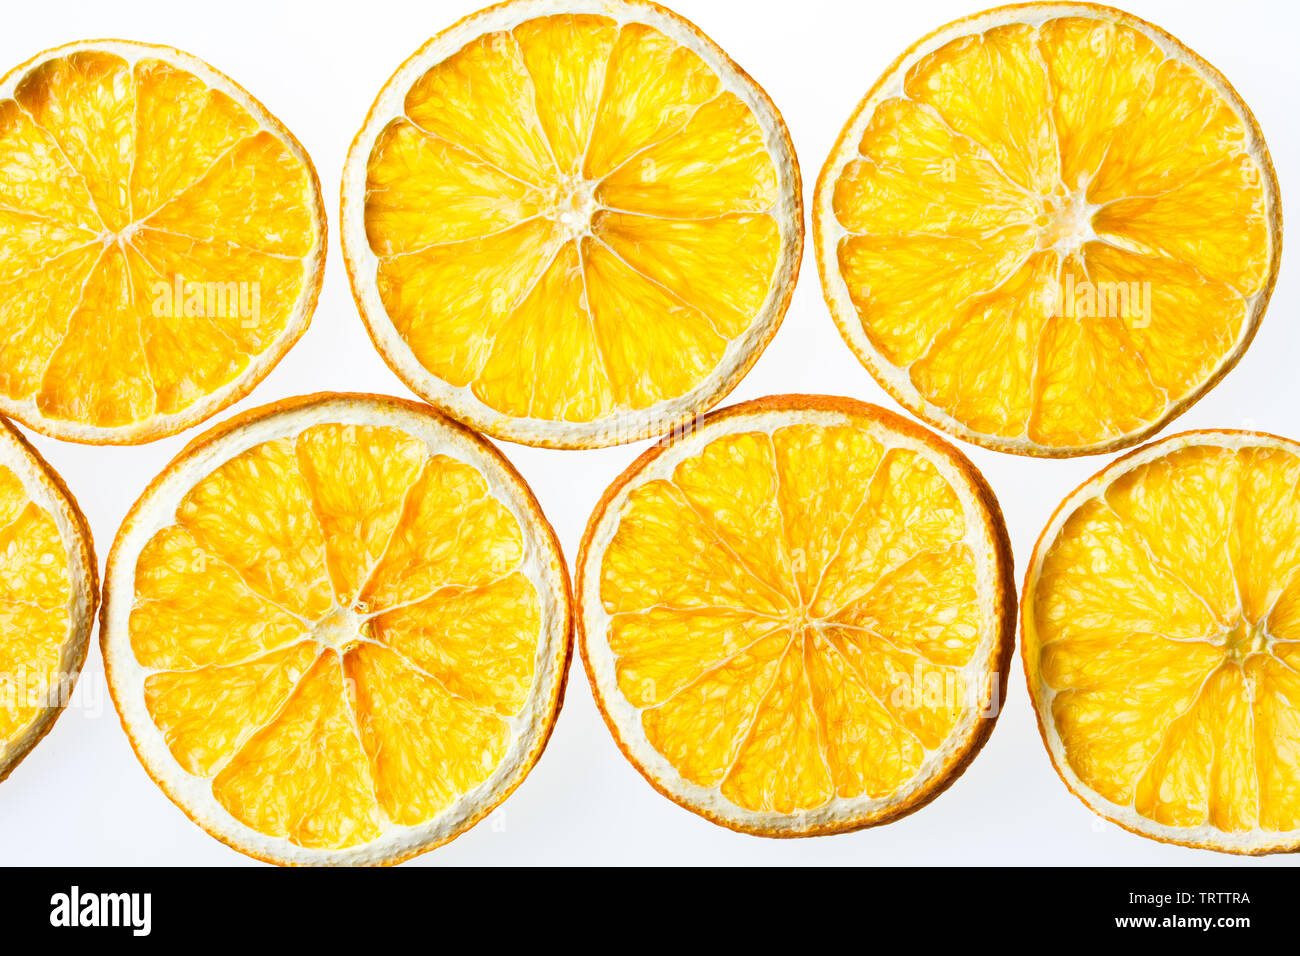 Dried orange slices isolated on white background - Stock Image